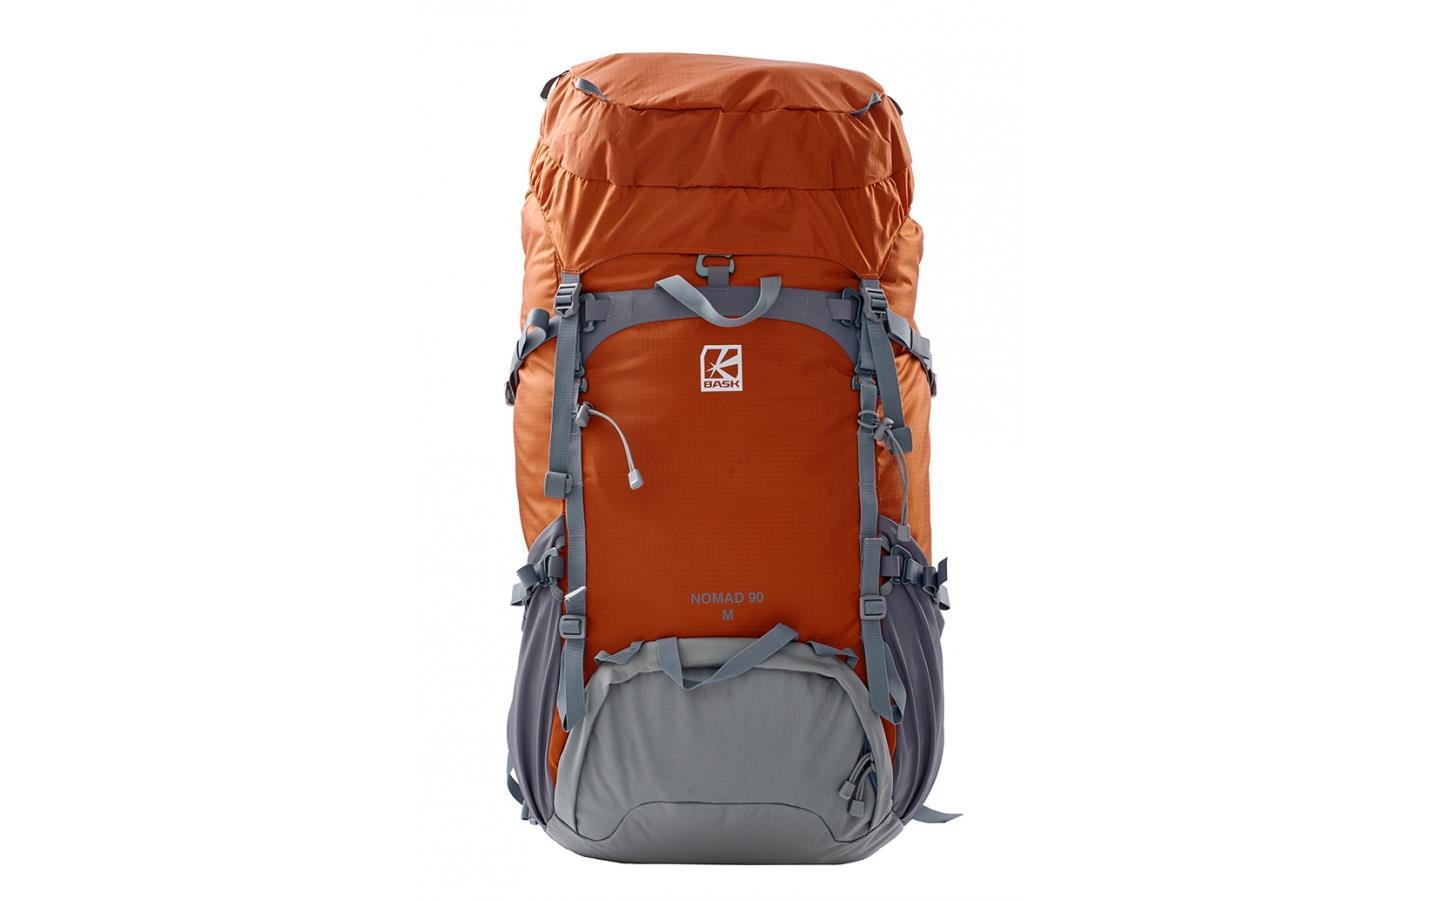 5de7b570b110 Рюкзак BASK NOMAD 90 XL купить по цене в 13 900 р в интернет ...